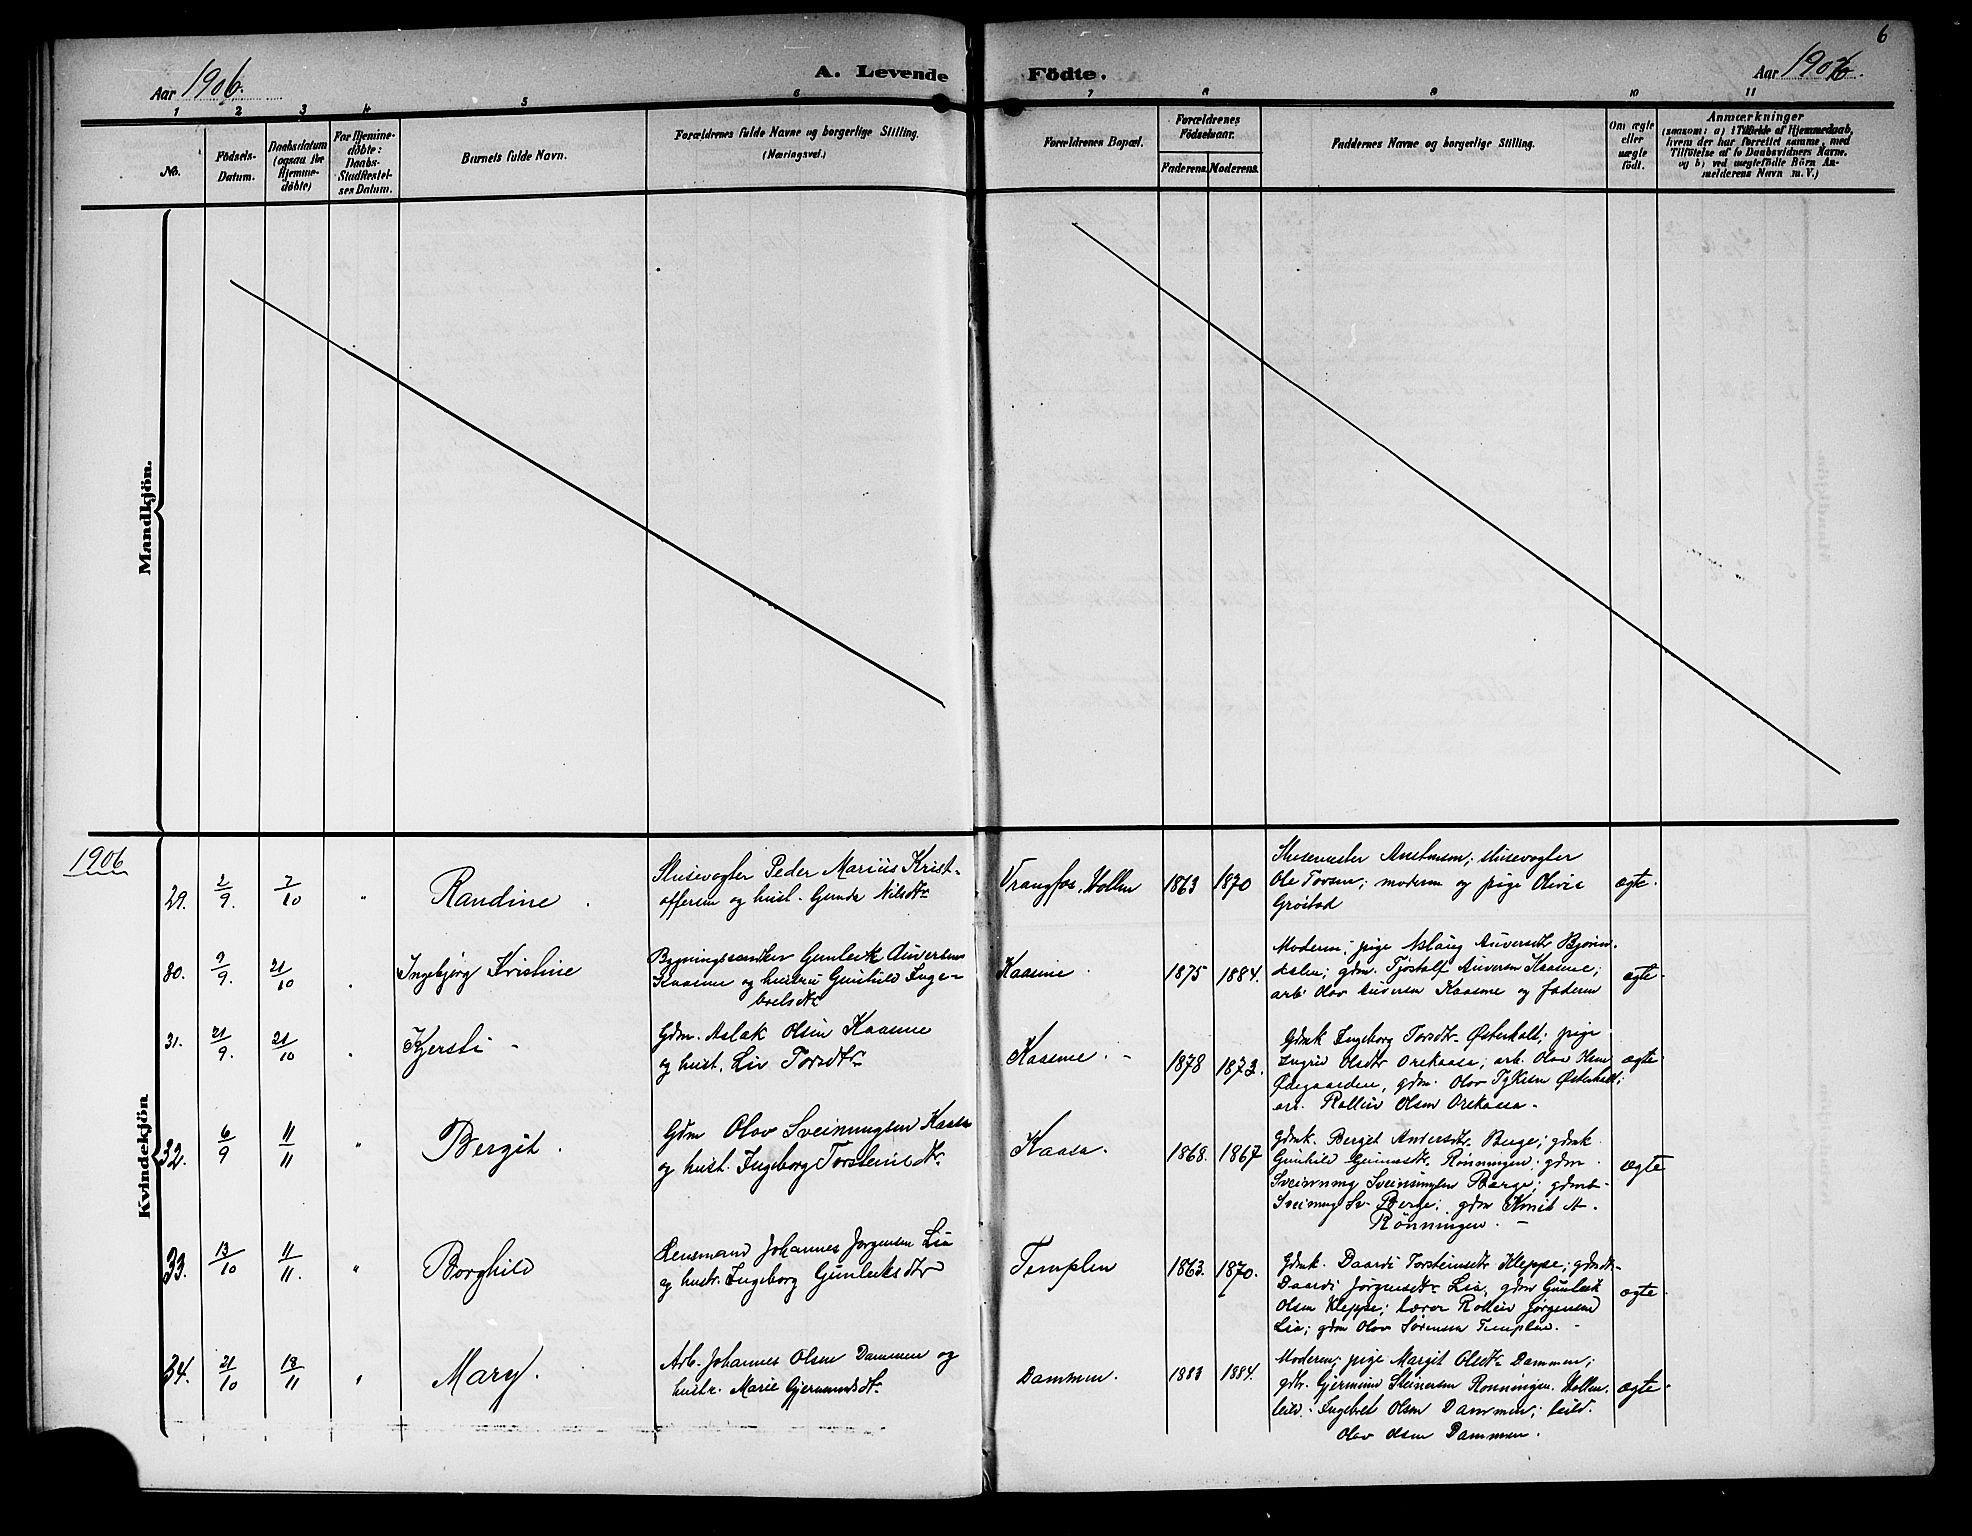 SAKO, Lunde kirkebøker, G/Ga/L0004: Klokkerbok nr. I 4, 1906-1914, s. 6